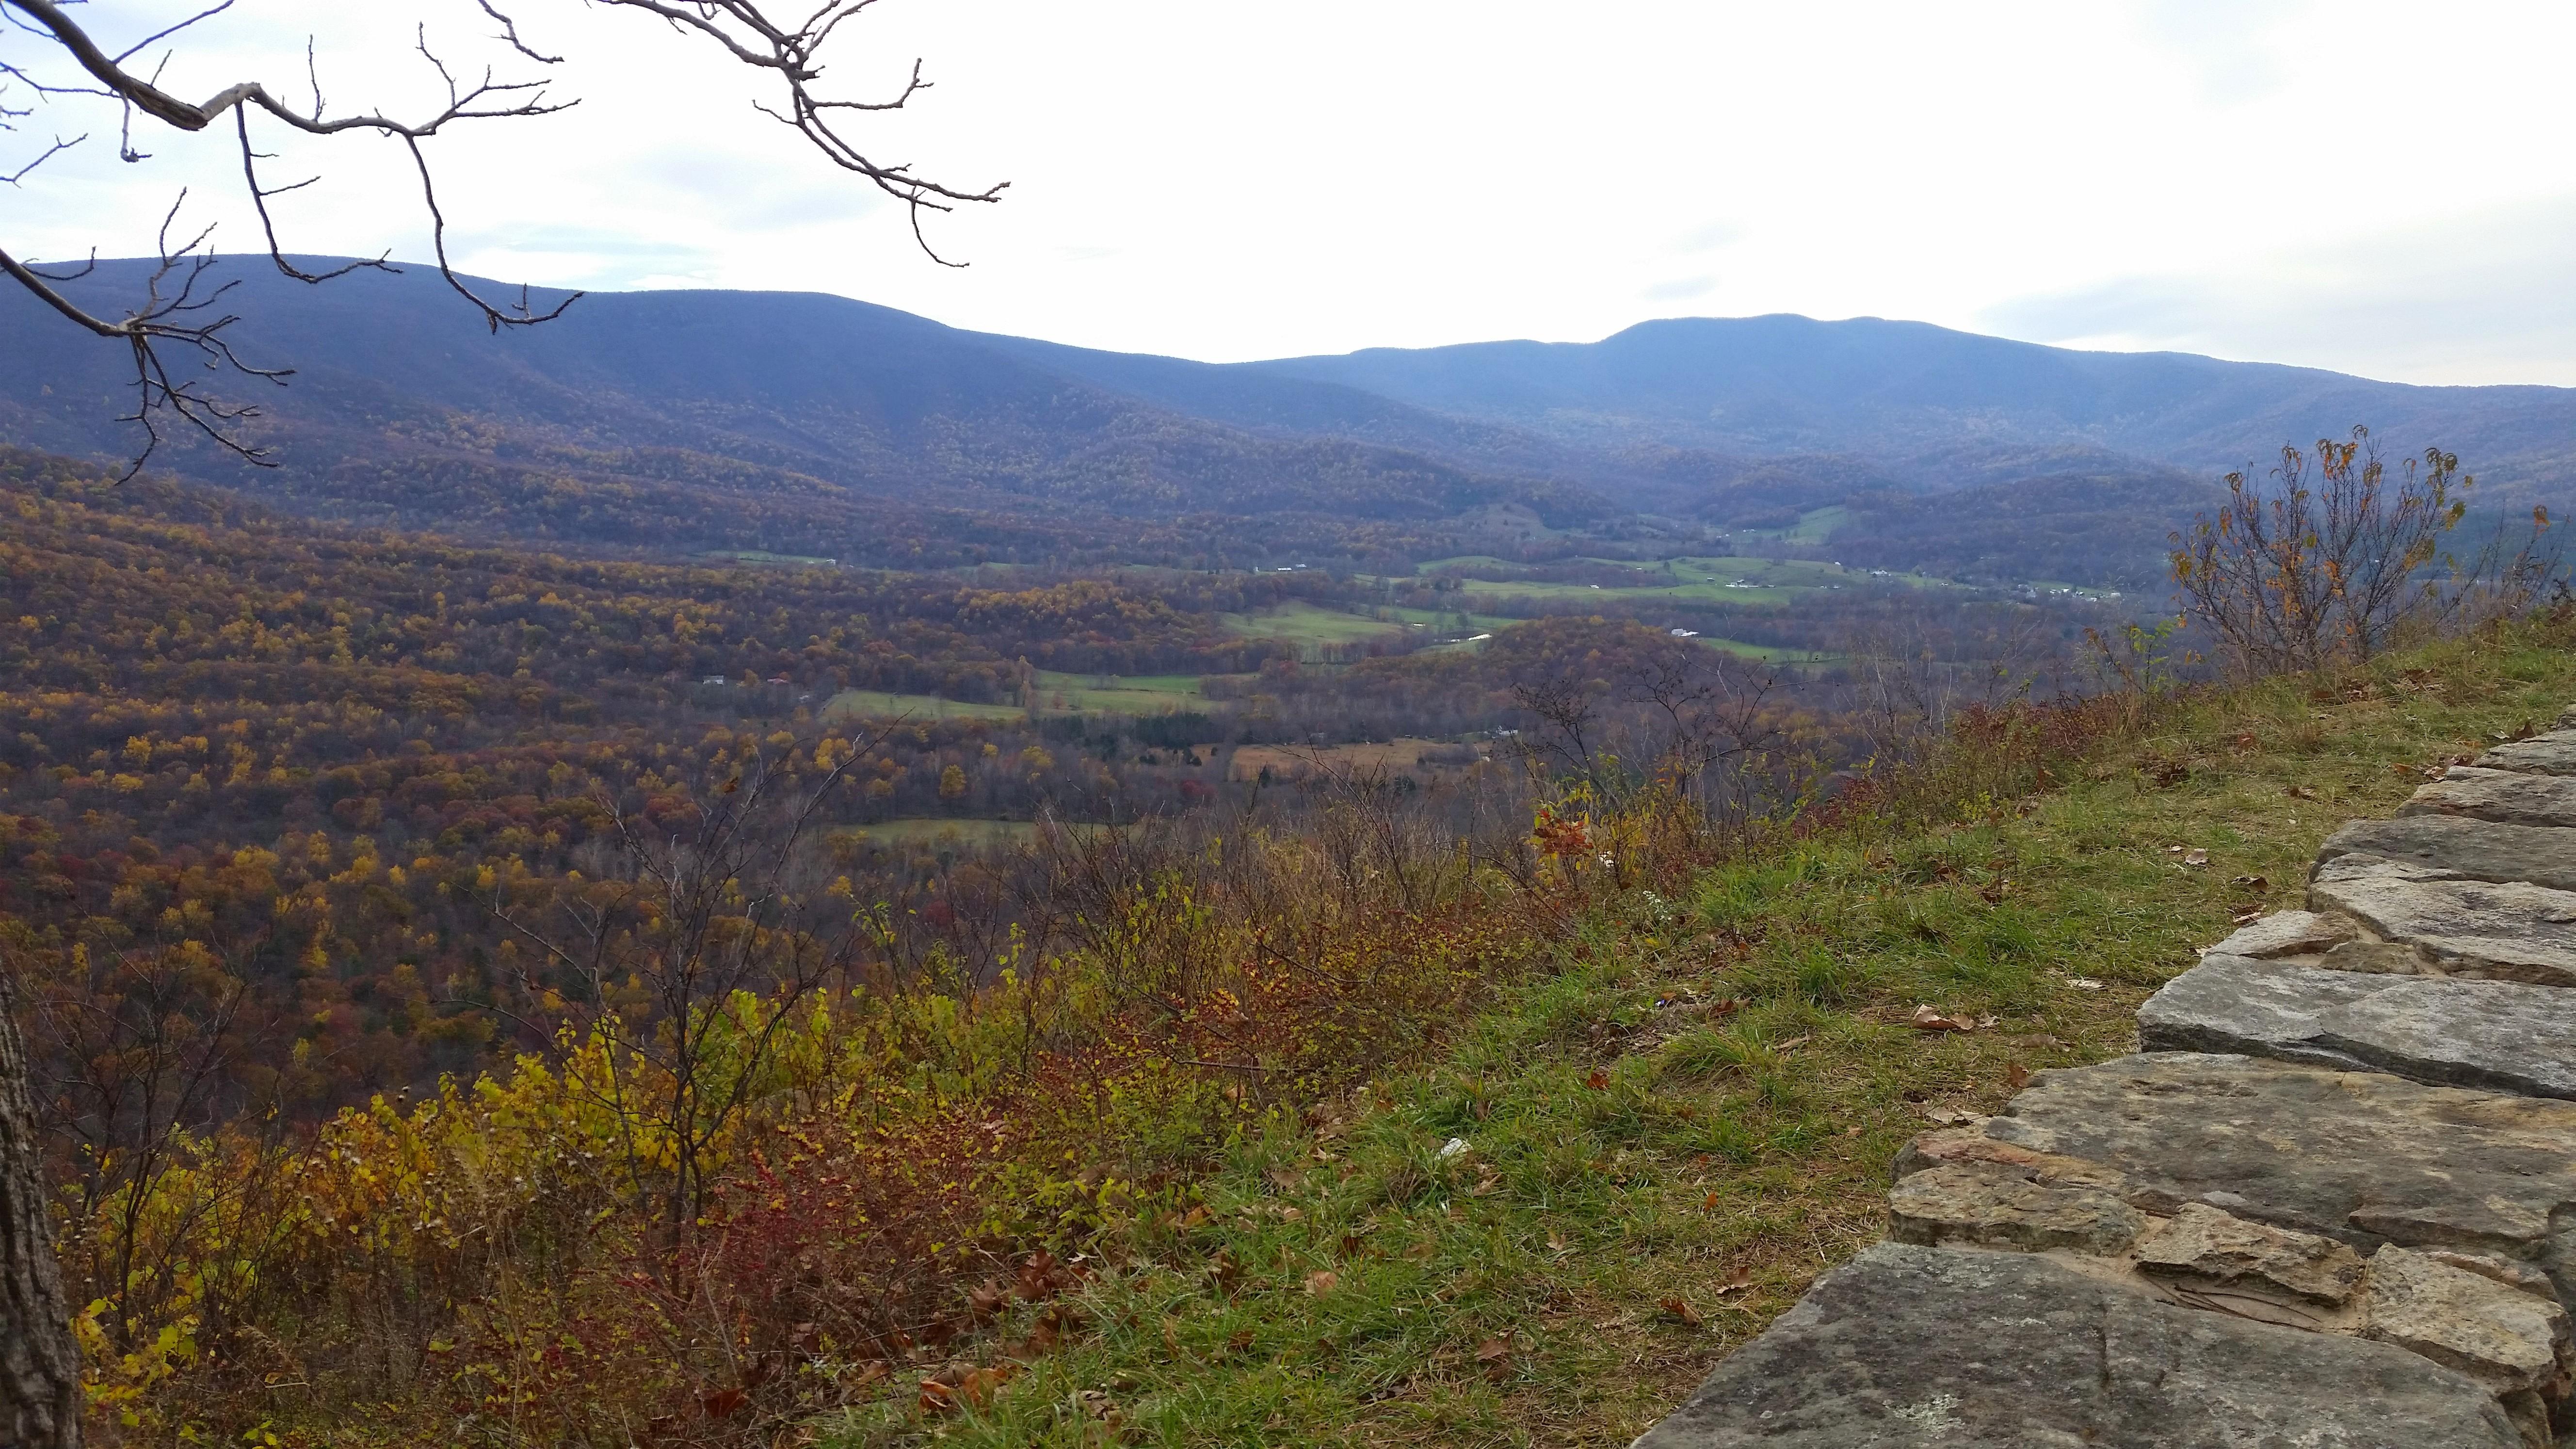 Shenandoah National Park Overlook